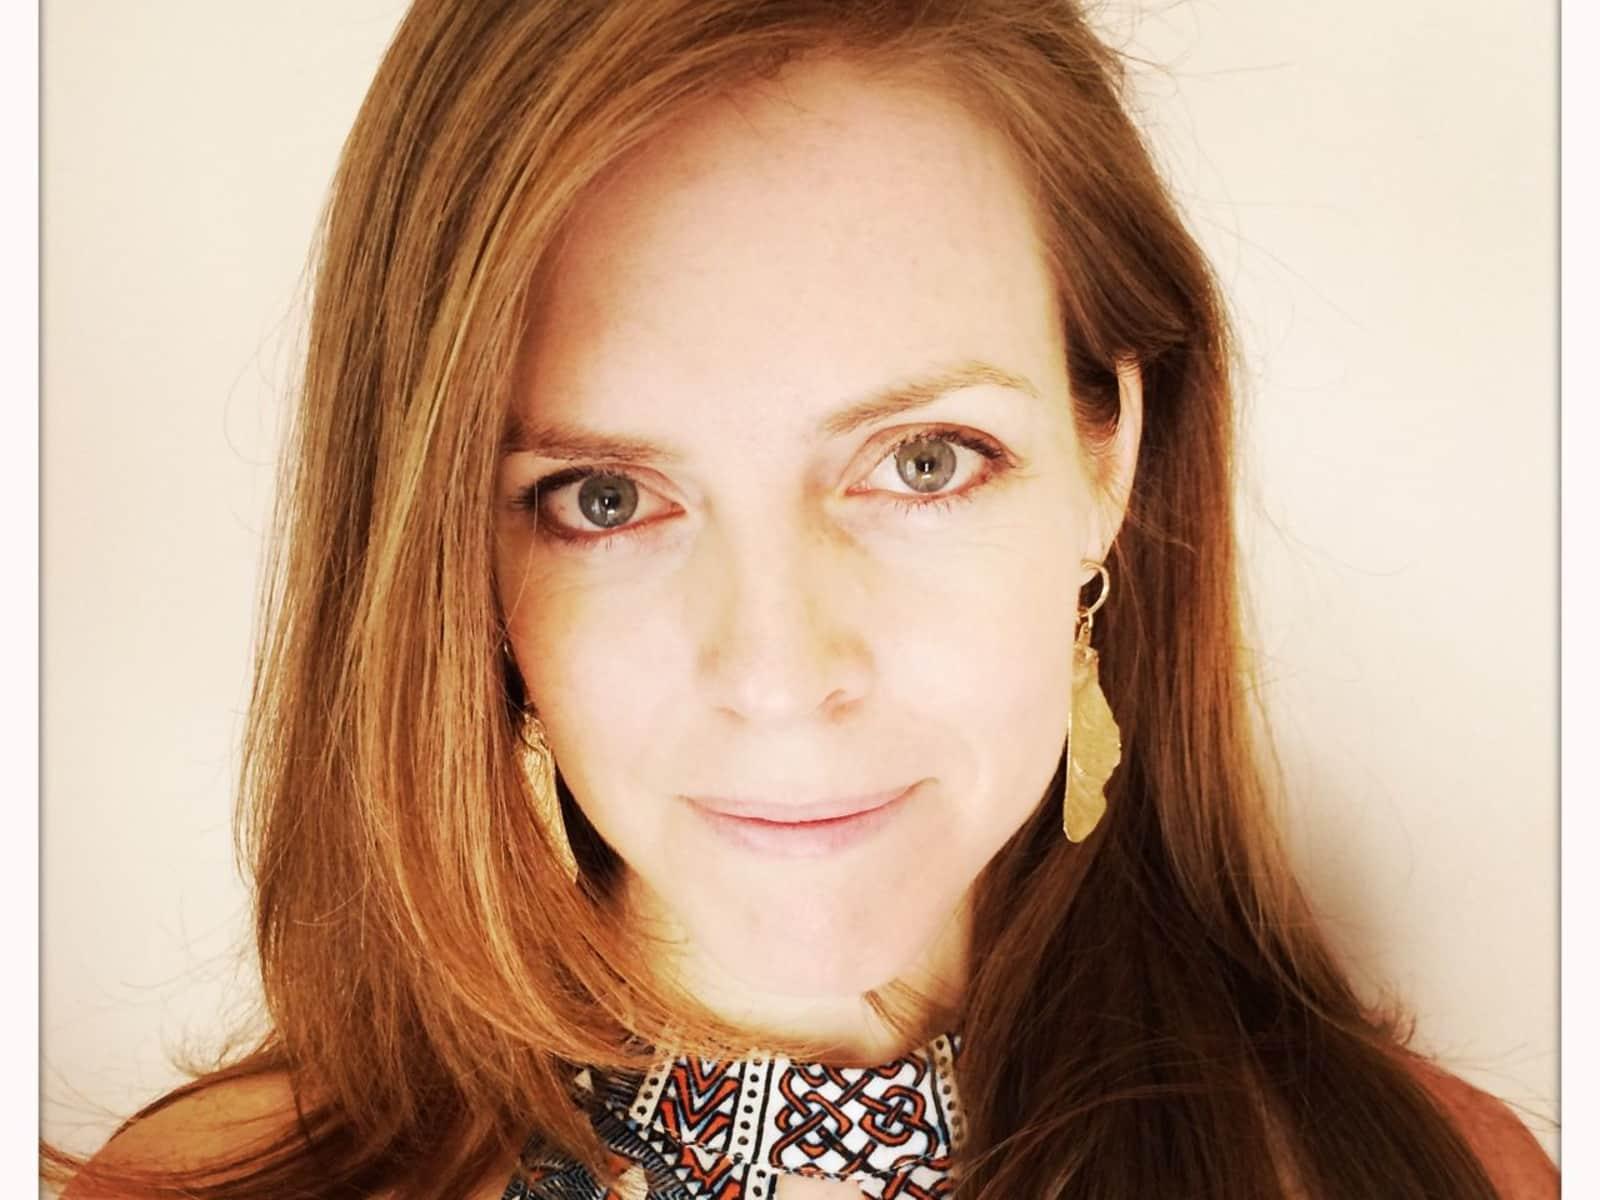 Lauren from Gibsons, British Columbia, Canada